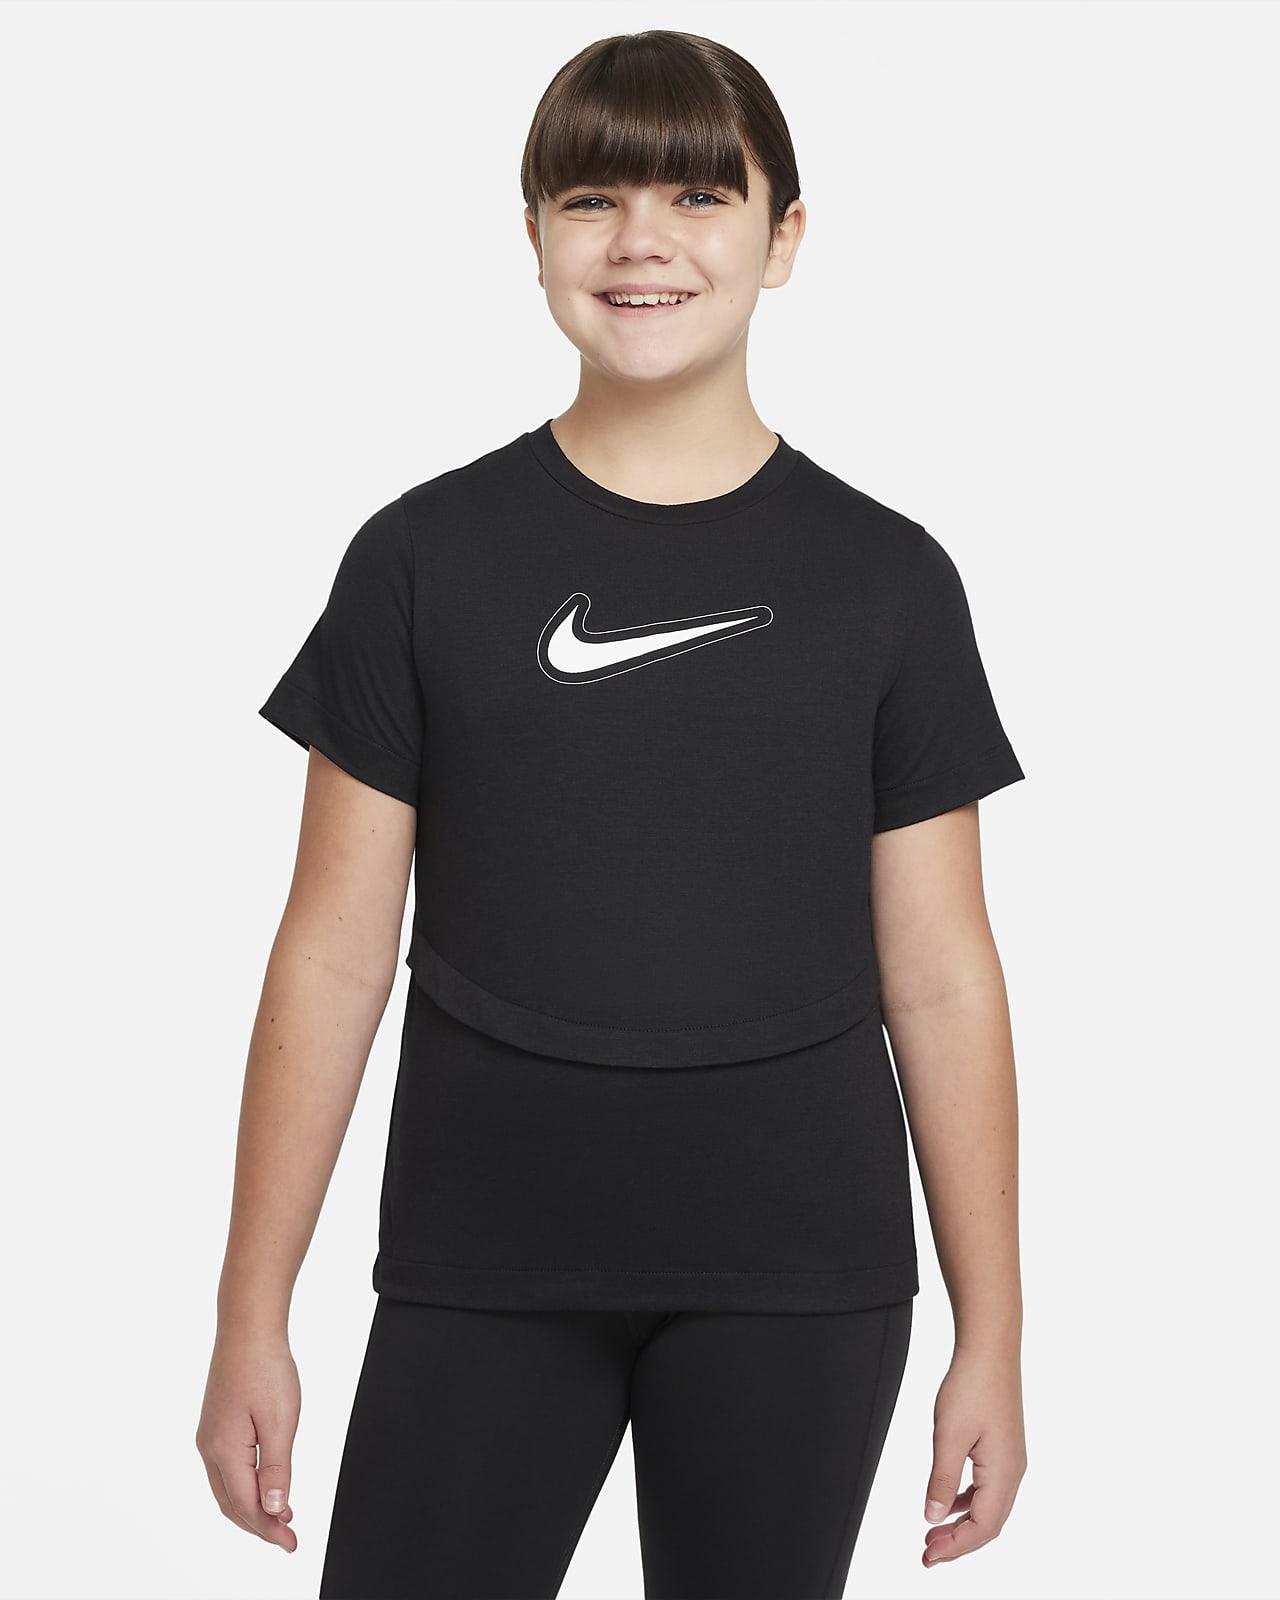 Nike Dri-FIT Trophy Kurzarm-Trainingsoberteil für ältere Kinder (Mädchen) (erweiterte Größe)